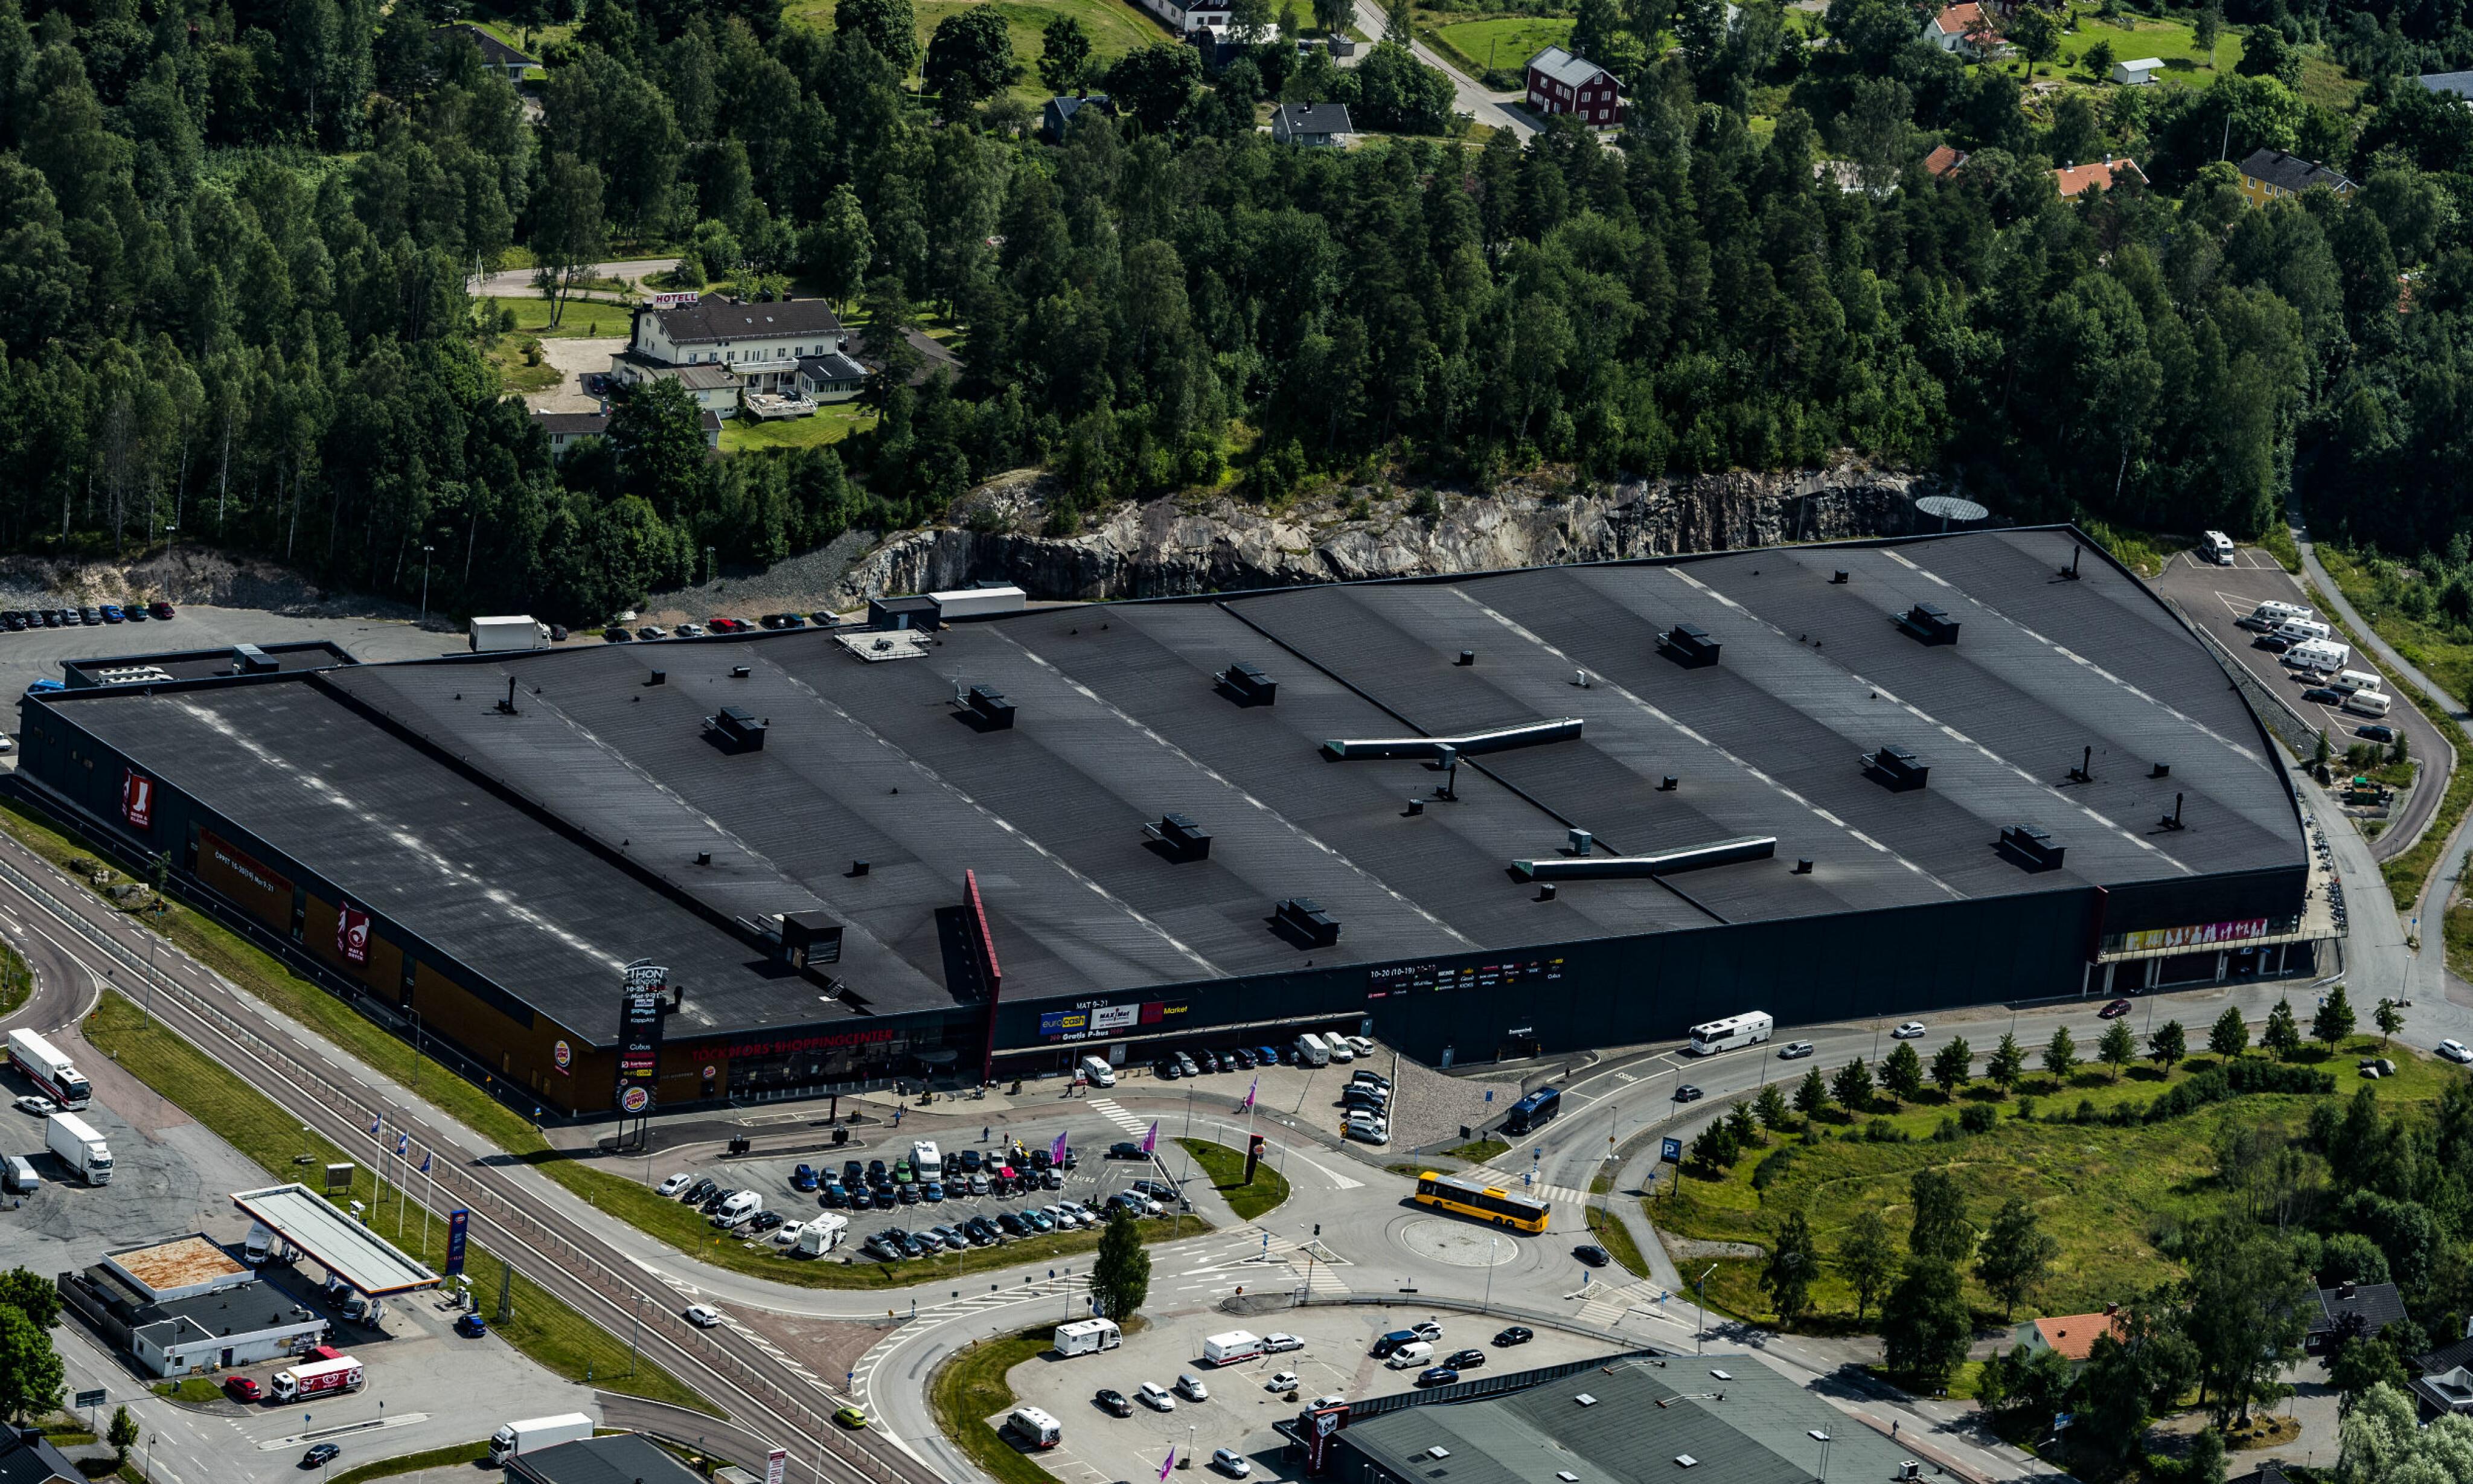 PARKERING: Kundene får innendørs og utendørs parkering nær den delen av senteret hvor de skal handle. Foto: Olav Thon Eiendom